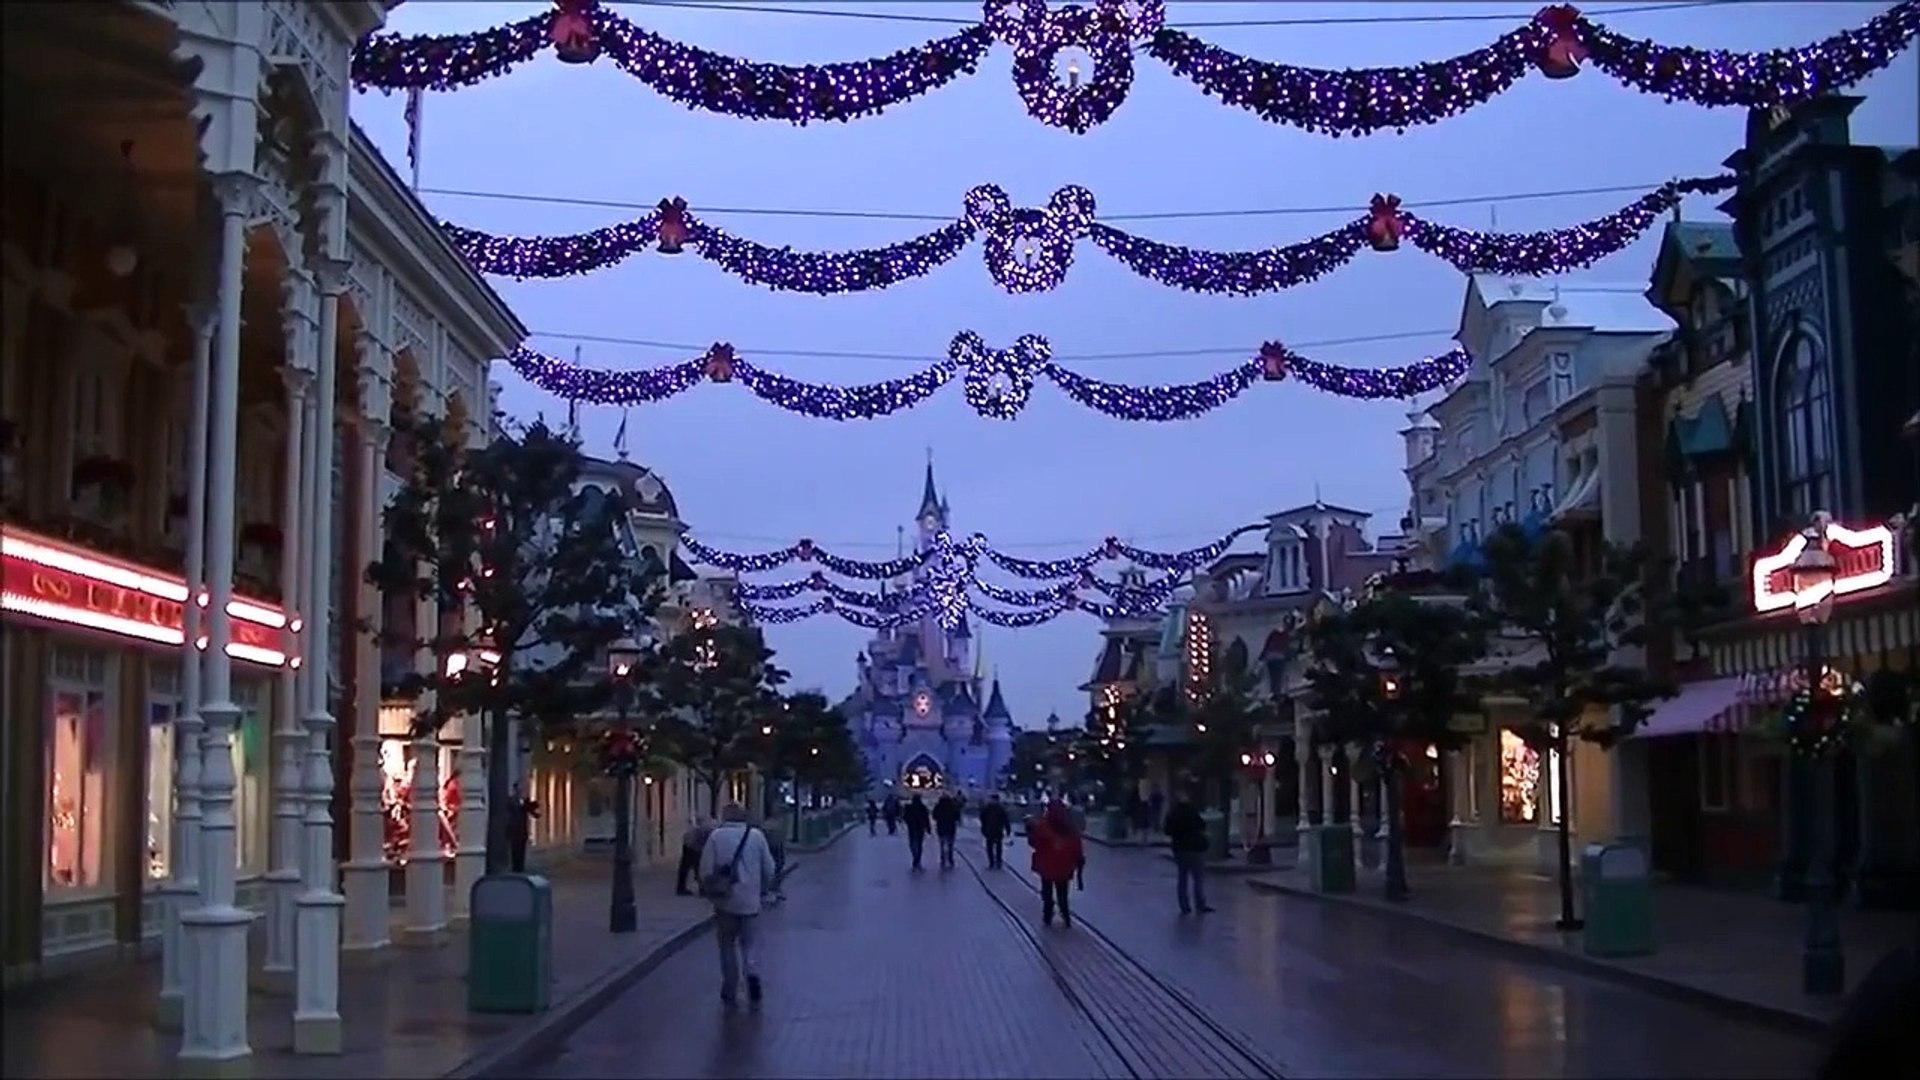 Mainstreet U.S.A. (Extra Magic Hours) - Disneyland Paris (November 25, 2014)